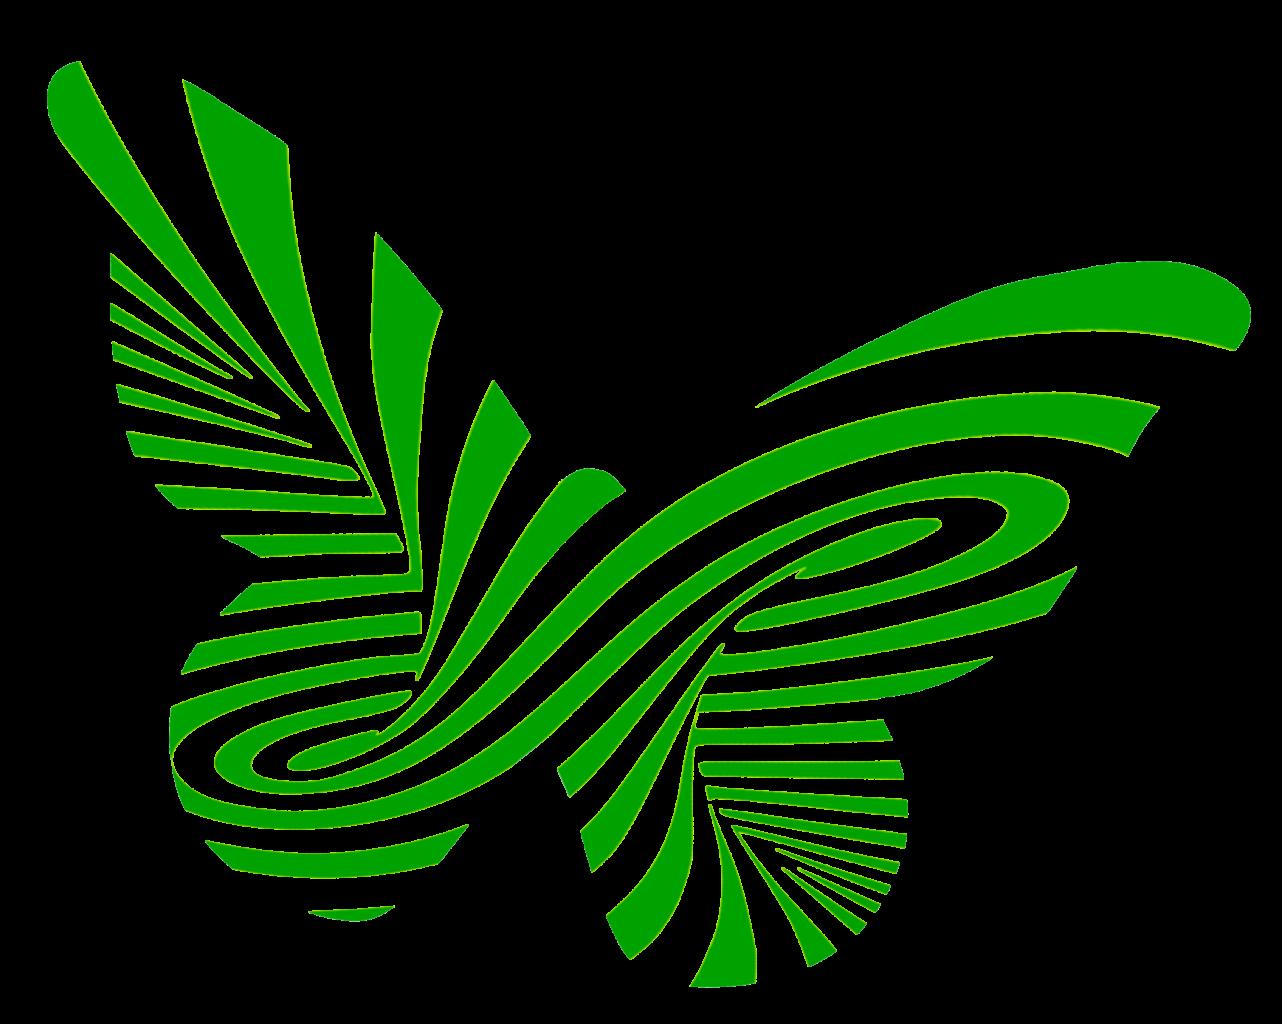 zwerfie logo vlinder